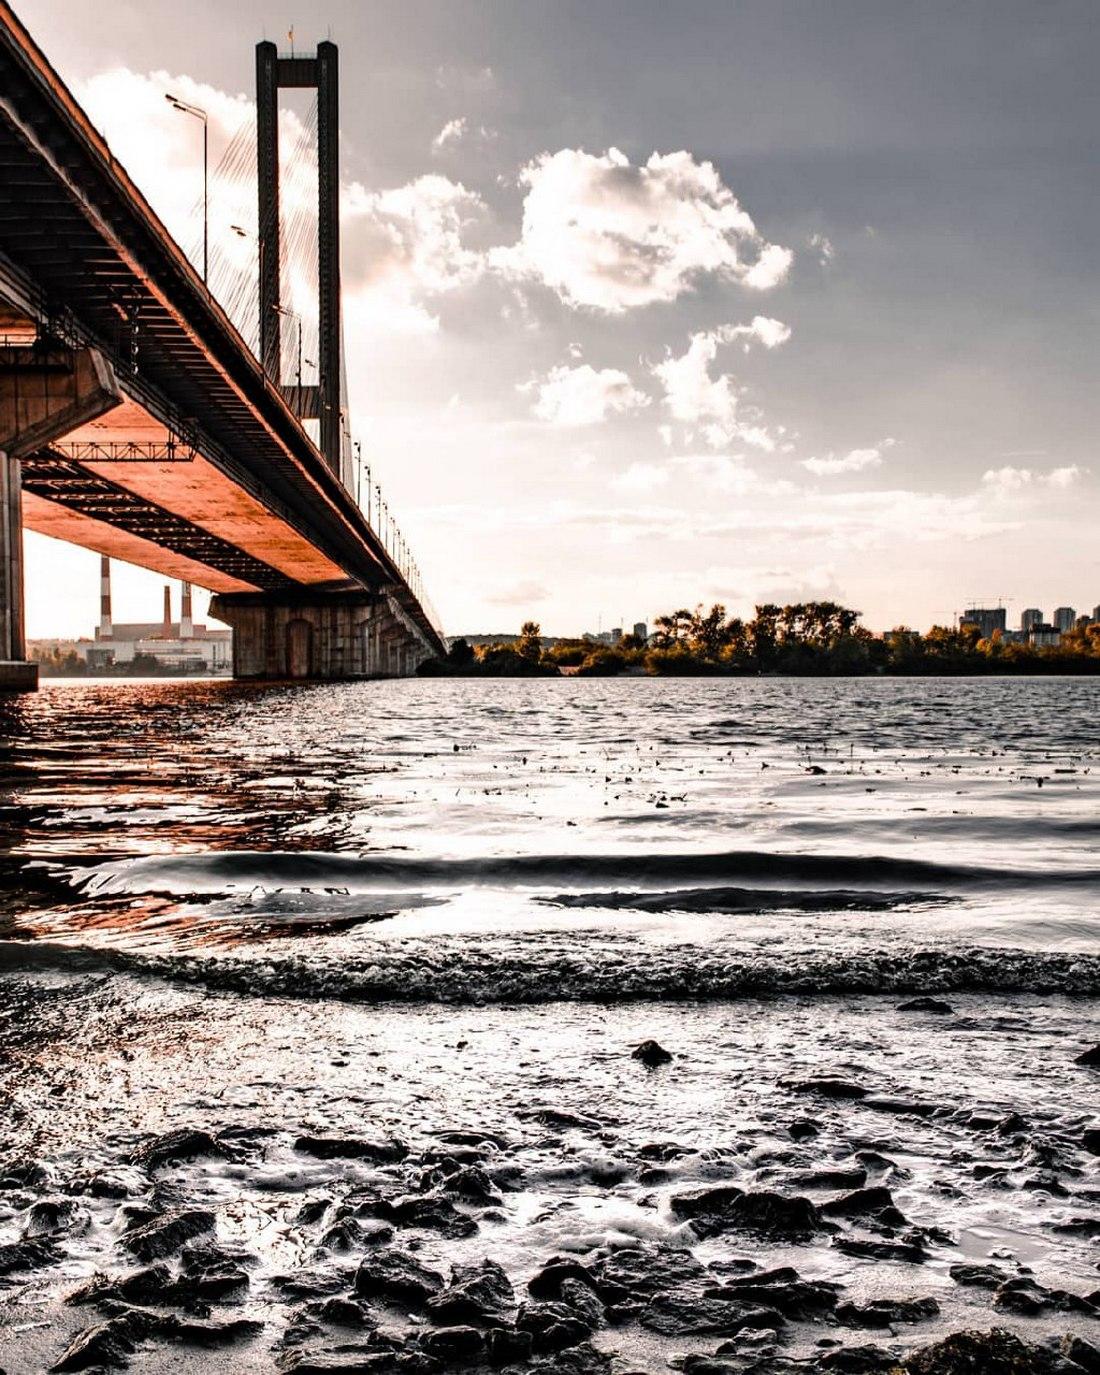 Днепровские воды в осеннюю пору. Фото:@p_belskyi